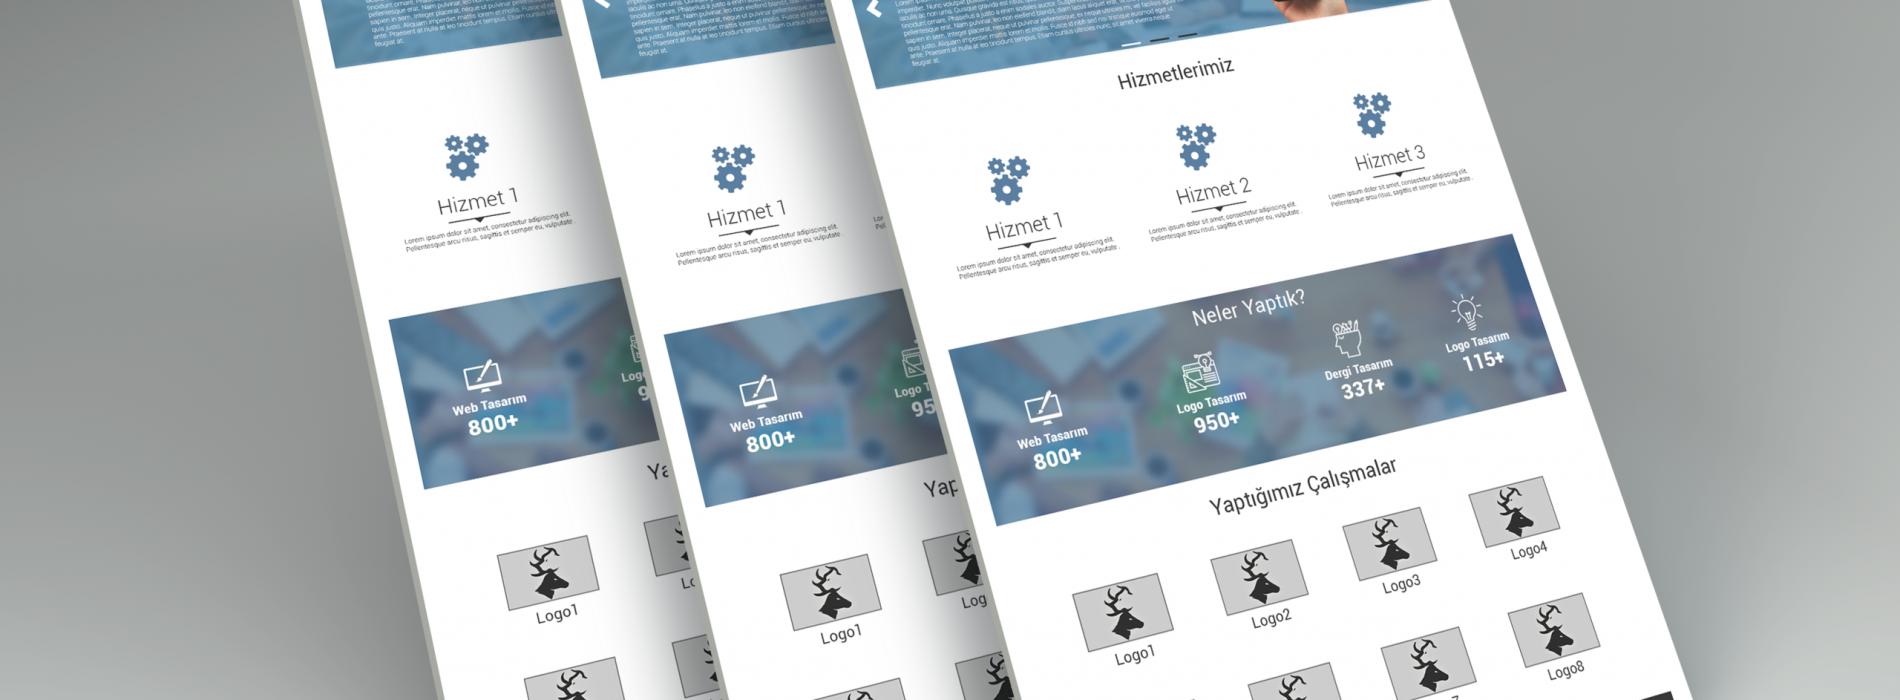 Ücretsiz Kurumsal Anasayfa Tasarımı PSD